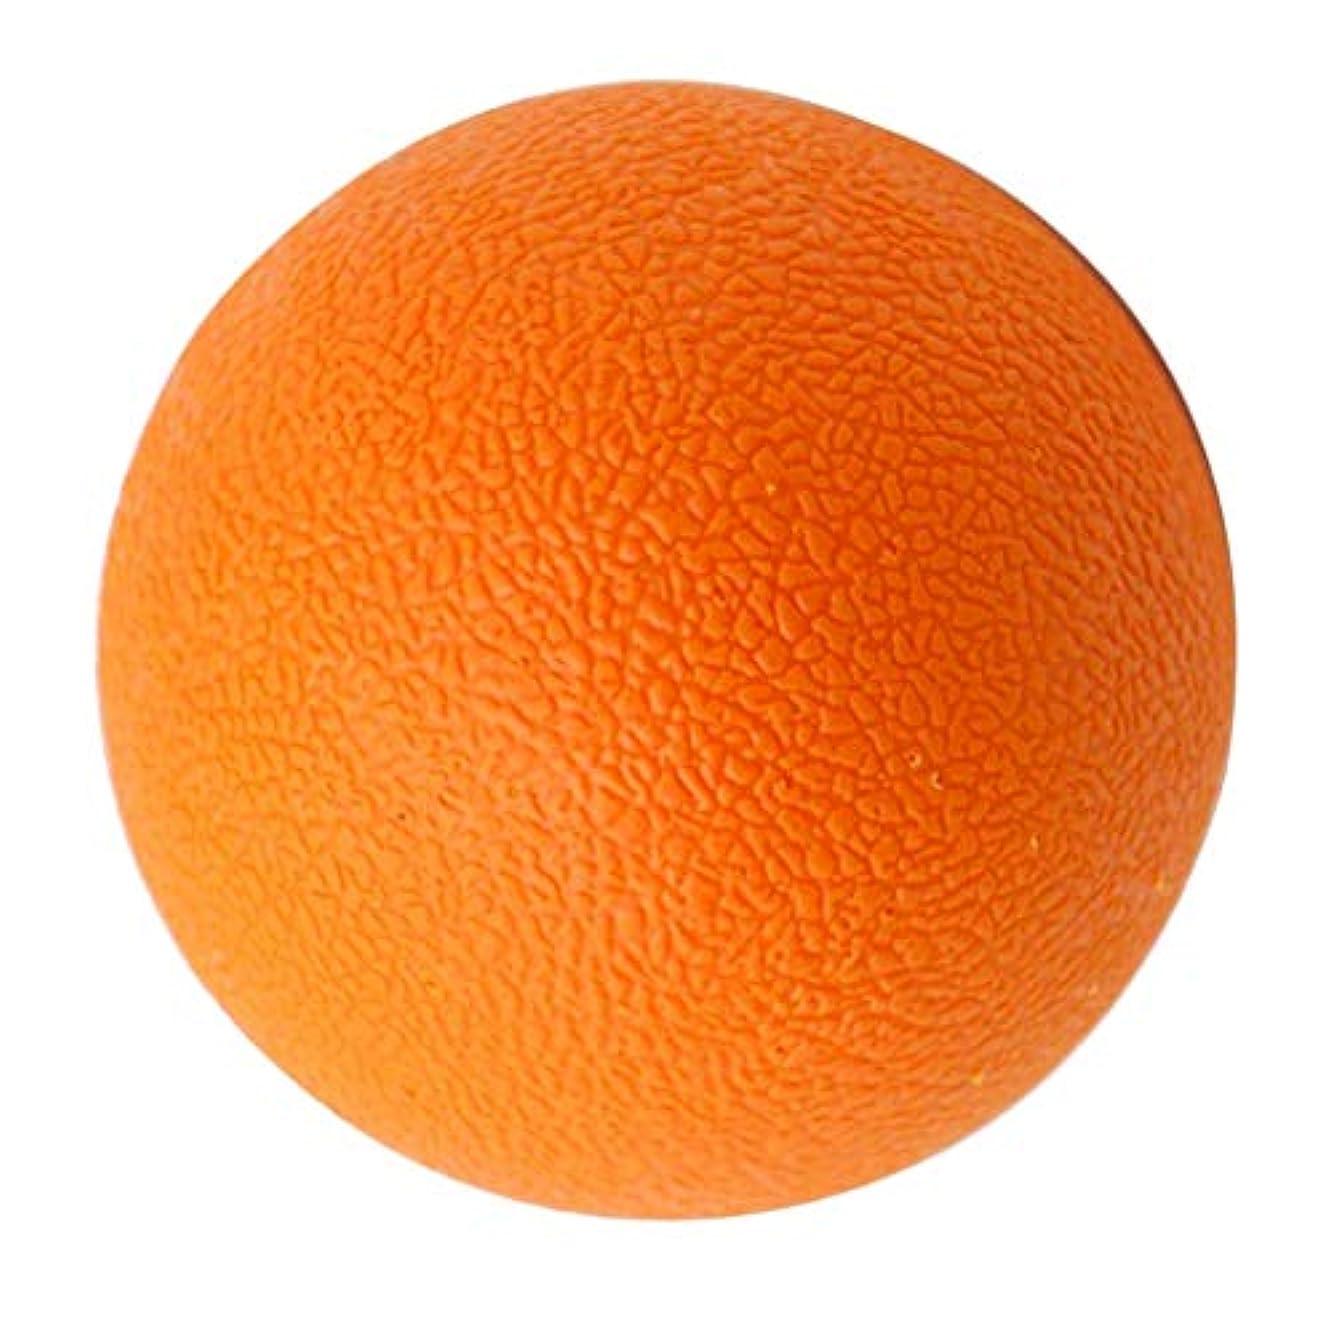 時期尚早ひどい興奮するラクロスボール マッサージボール トリガーポイント 筋膜リリース 背中 首 ツボ押しグッズ オレンジ